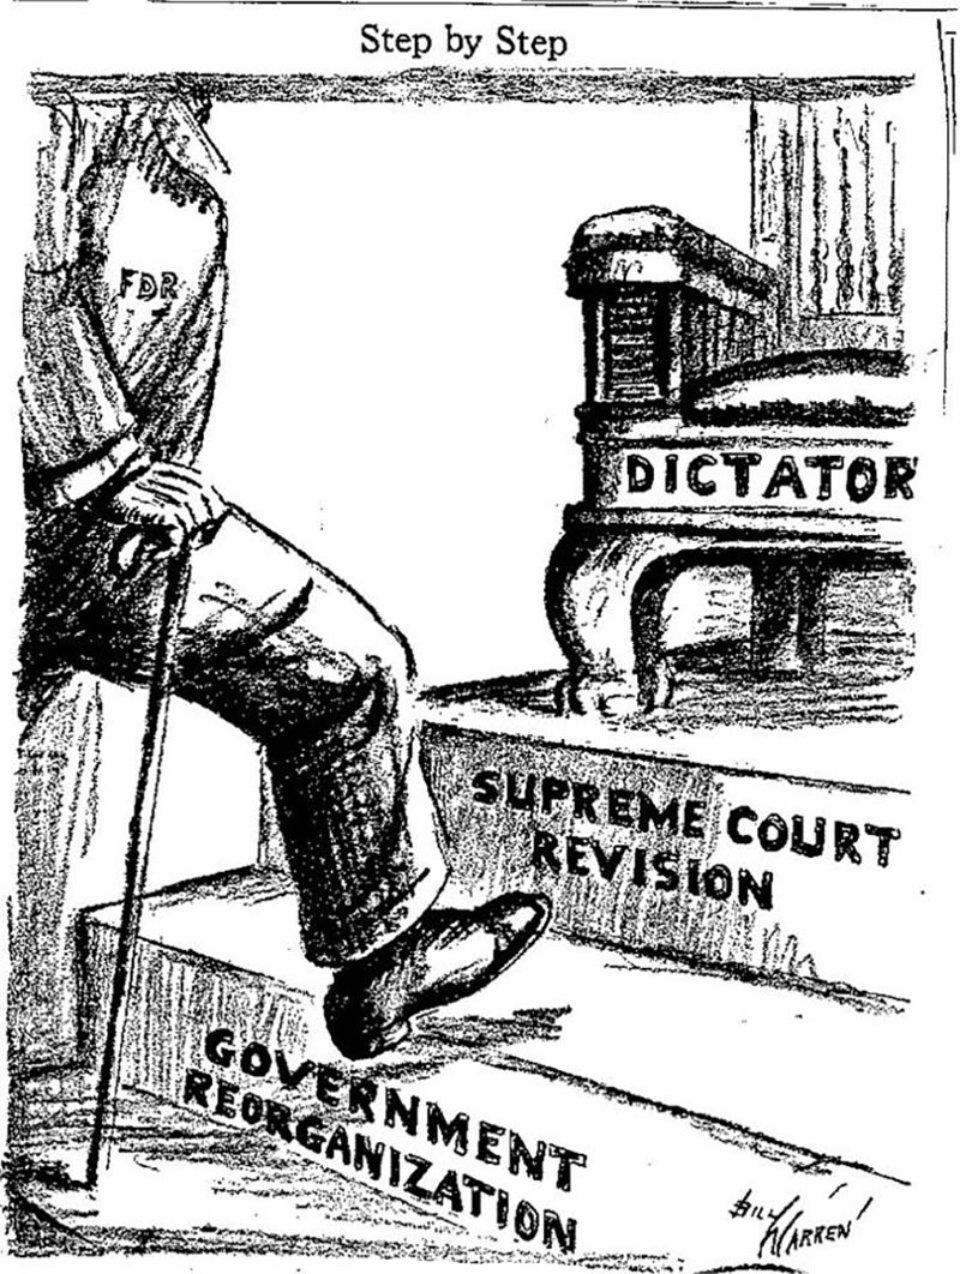 Карикатура 1937 року зображує шлях Рузвельта до диктатури. Друга сходинка — переформатування Верховного суду